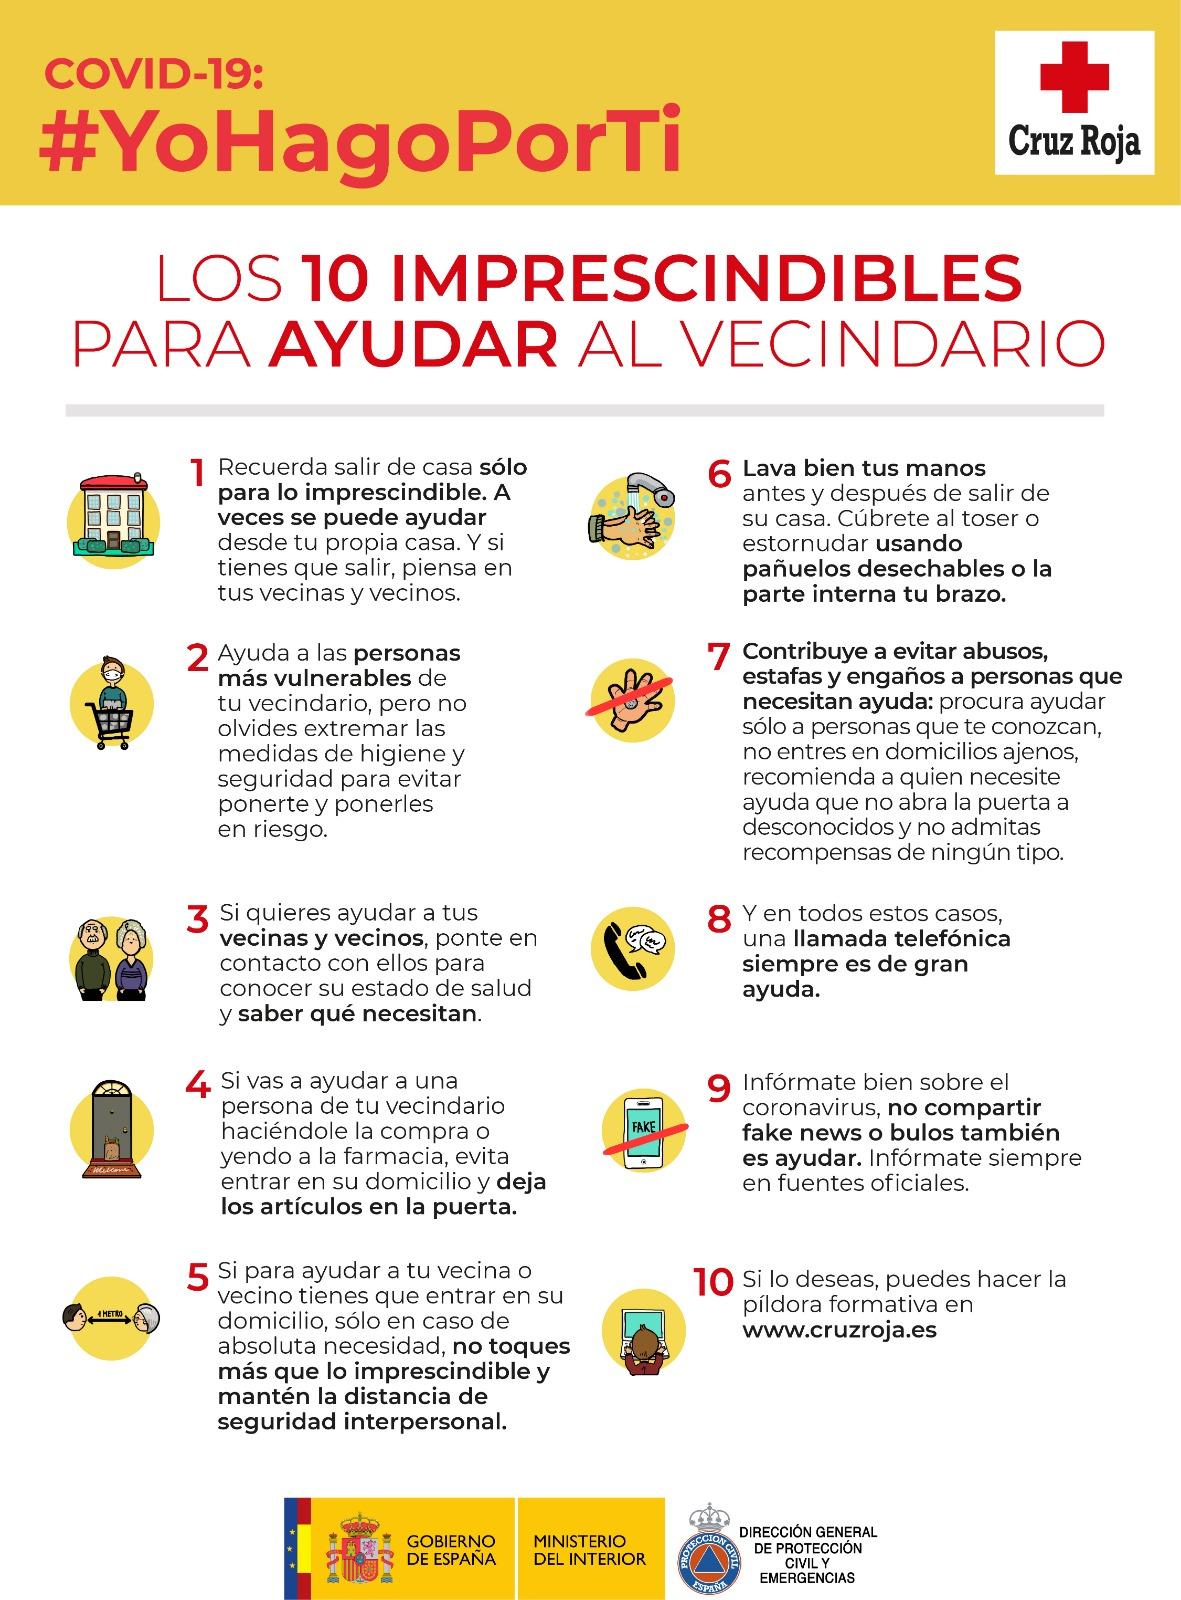 Conoce las 10 conductas imprescindibles para ayudar a tus vecinos con discapacidad en la pandemia del Coronavirus Covid-19